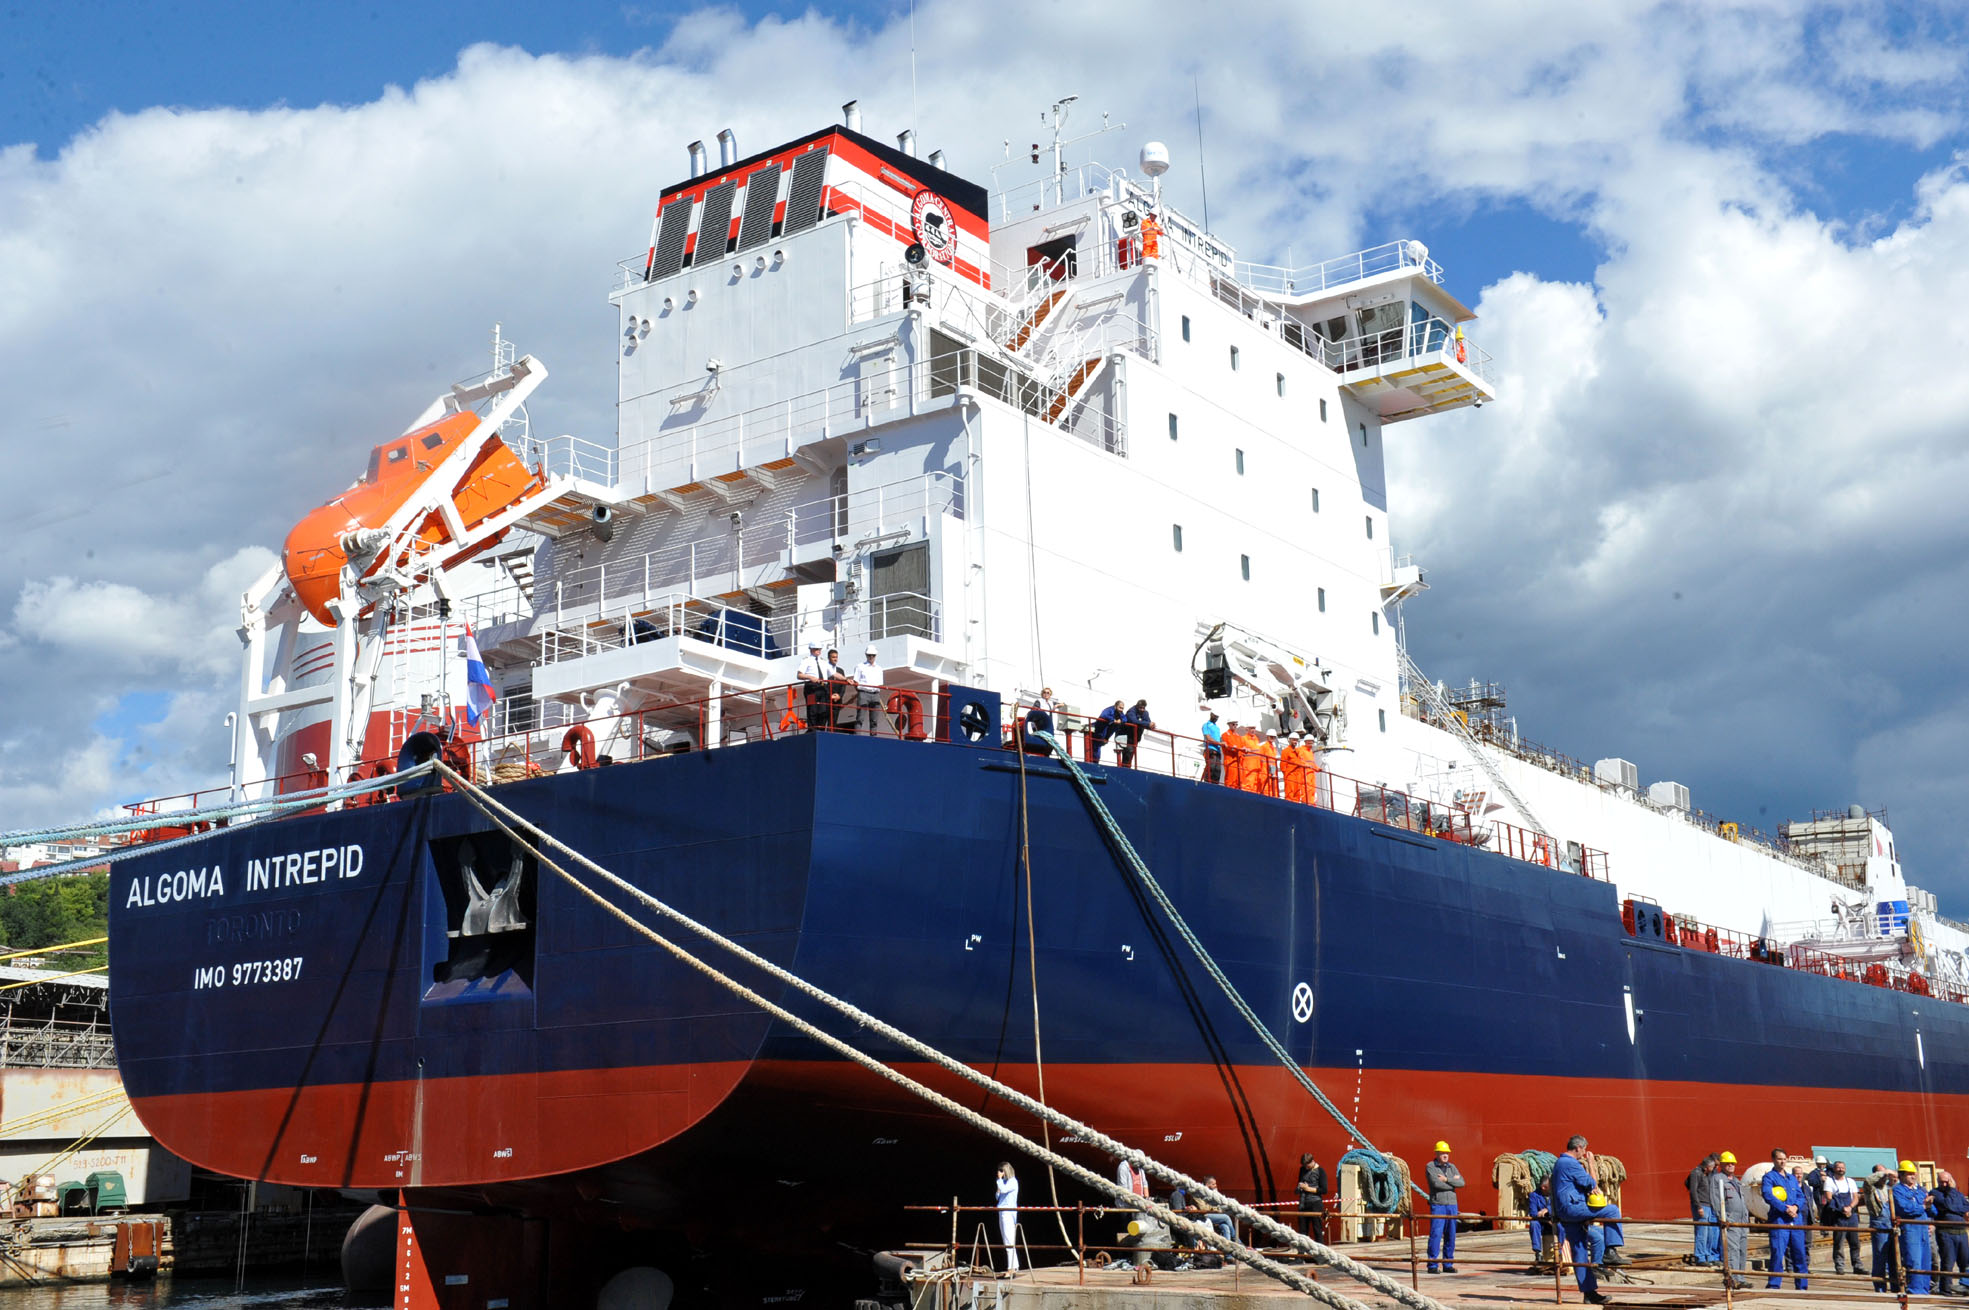 LABURISTI ČESTITALI 3. MAJU Možda će HDZ-ova Vlada konačno uvidjeti da brodogradnja ima budućnost